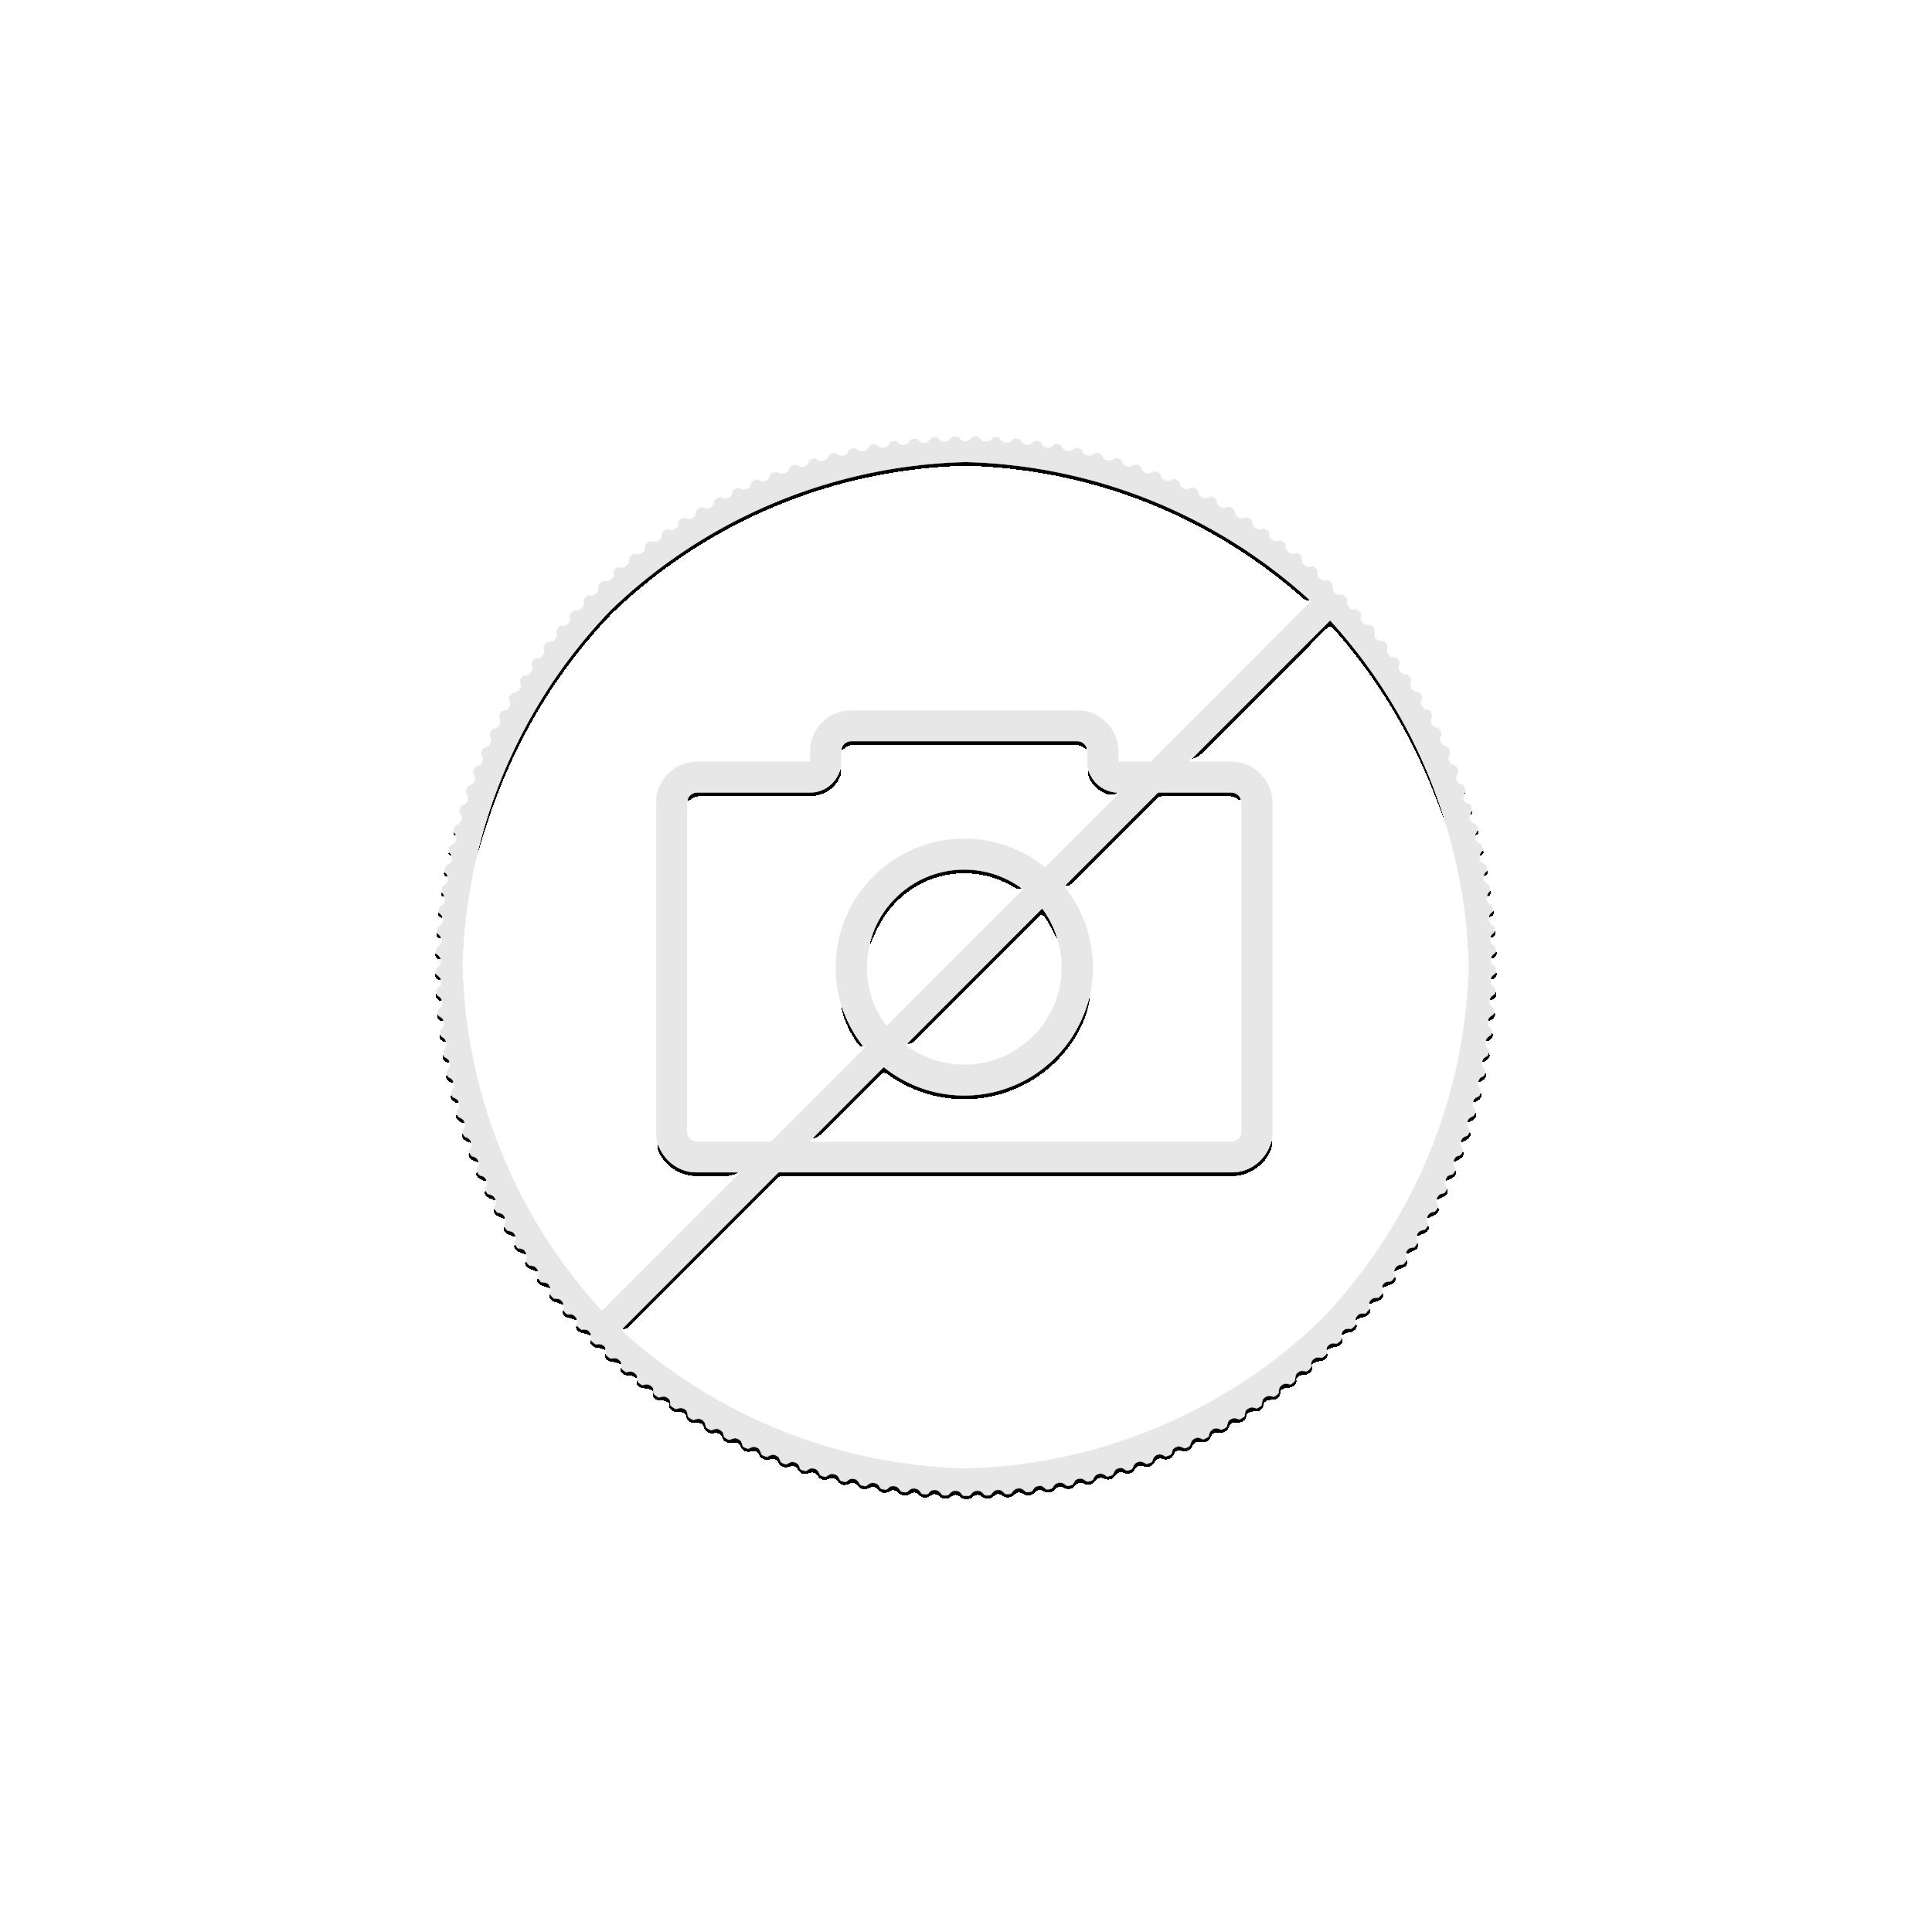 Birthstone Swarovski zilveren munt Juni 2020 - doos